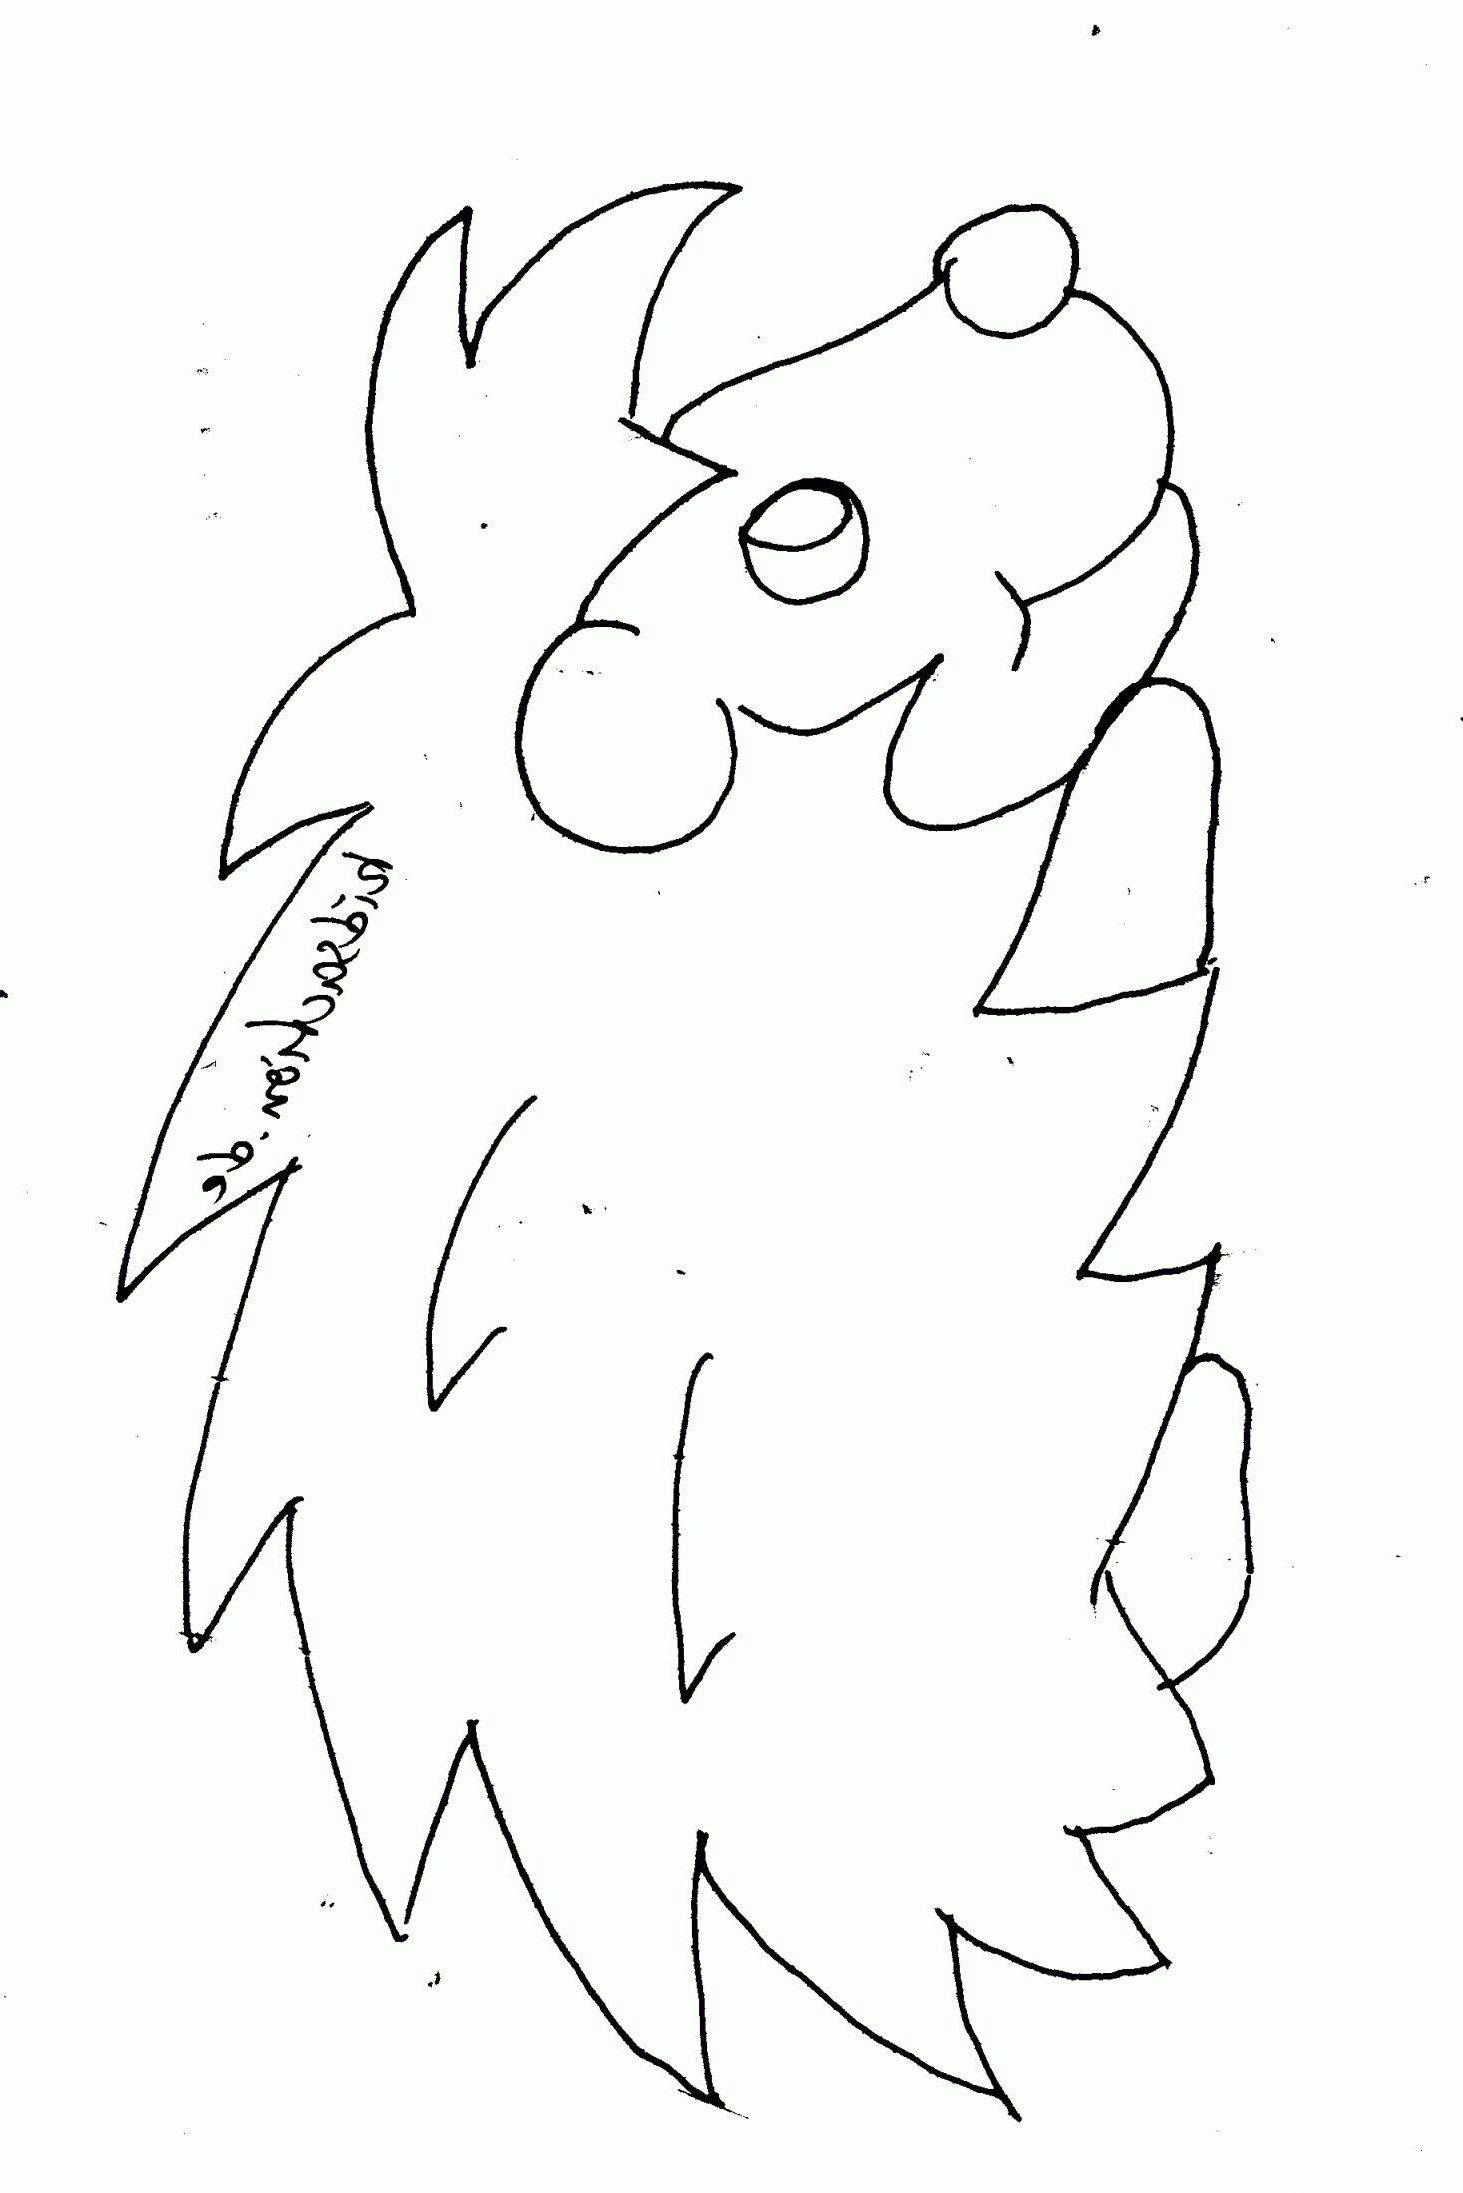 99 Neu Minion Bilder Zum Ausmalen Bild Malvorlagen Pferde Malvorlage Prinzessin Malvorlage Dinosaurier